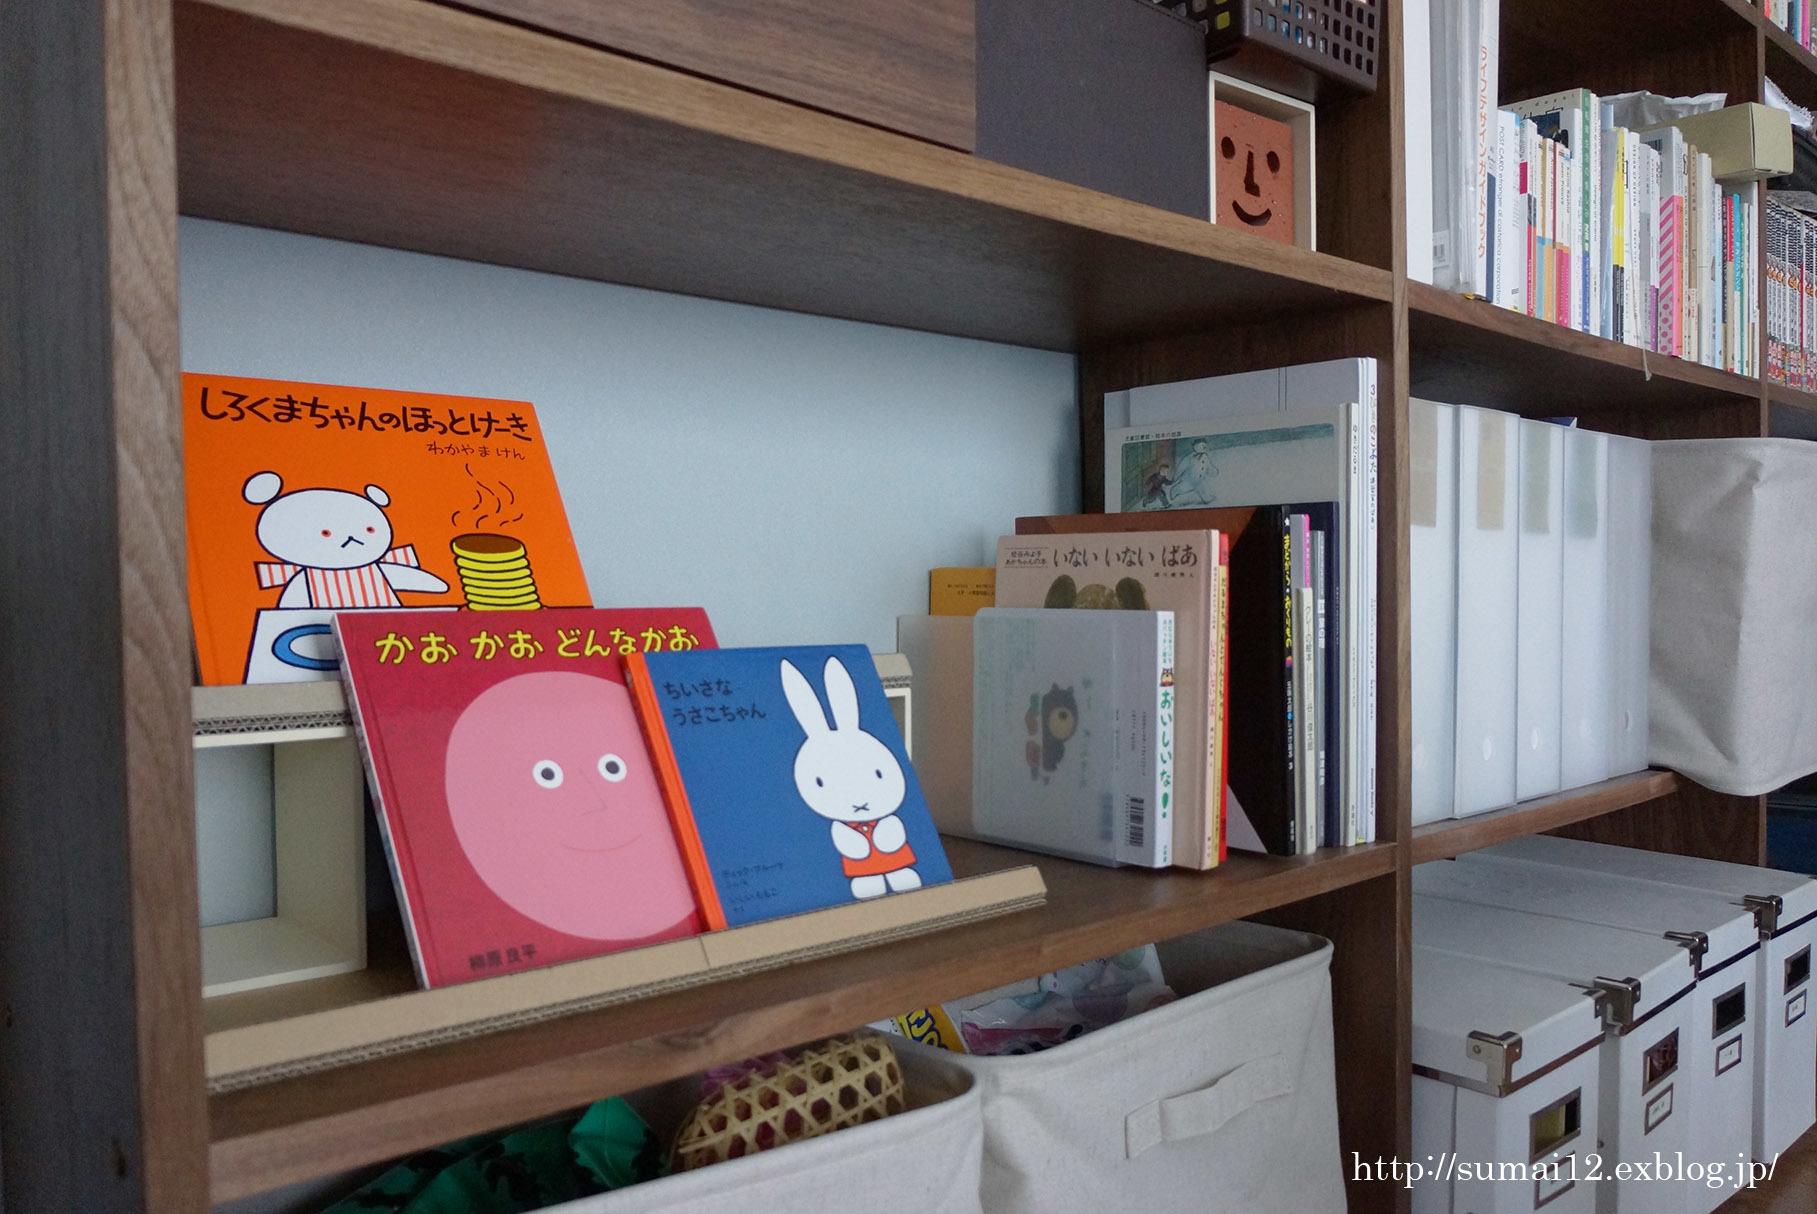 【紙仕事】無印良品スタッキングシェルフ用の絵本棚、の続き